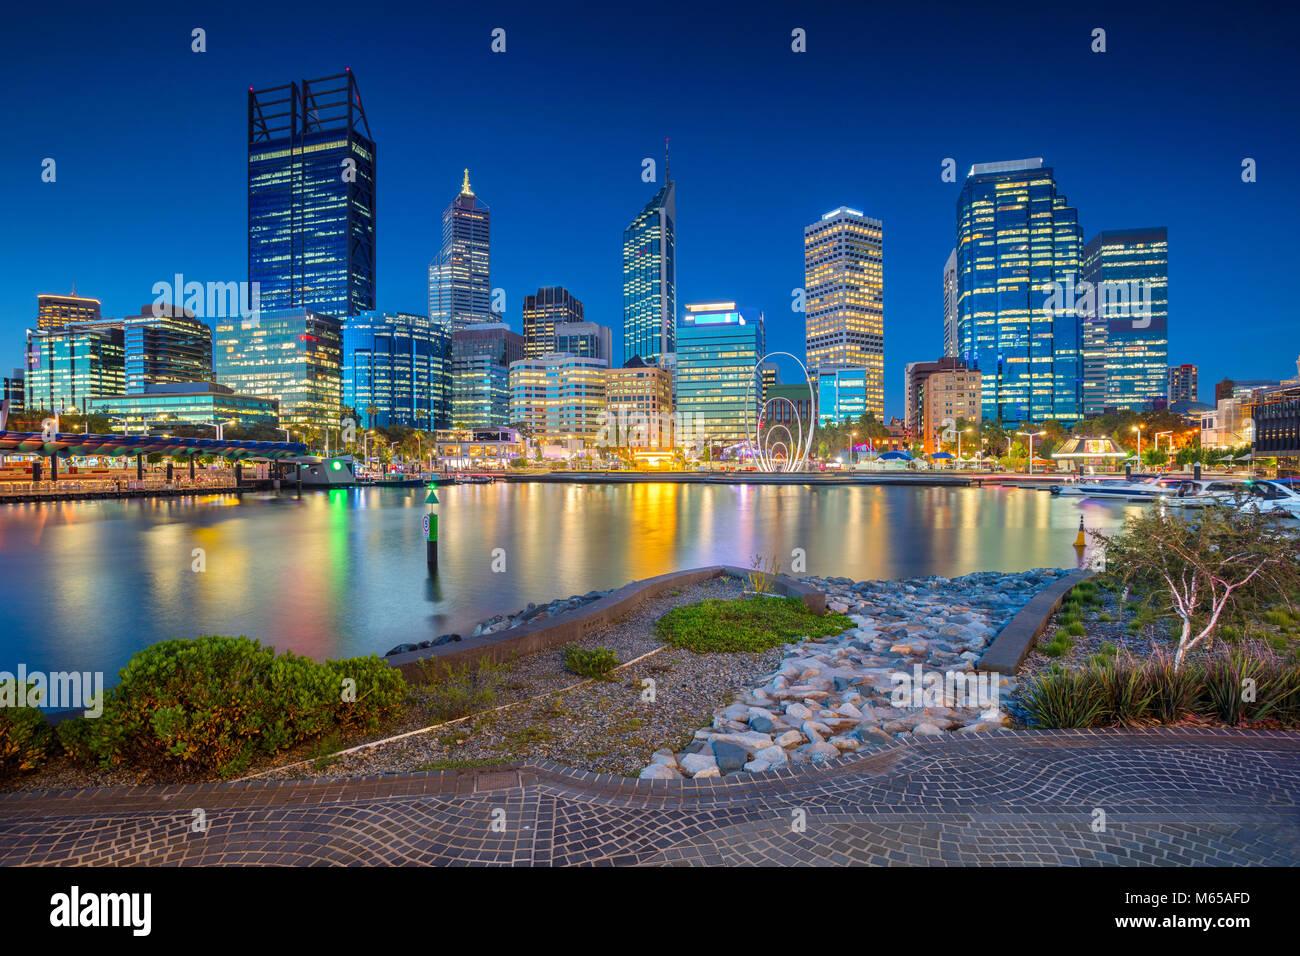 Perth. Image de la ville sur le centre-ville de Perth, en Australie pendant le coucher du soleil. Photo Stock